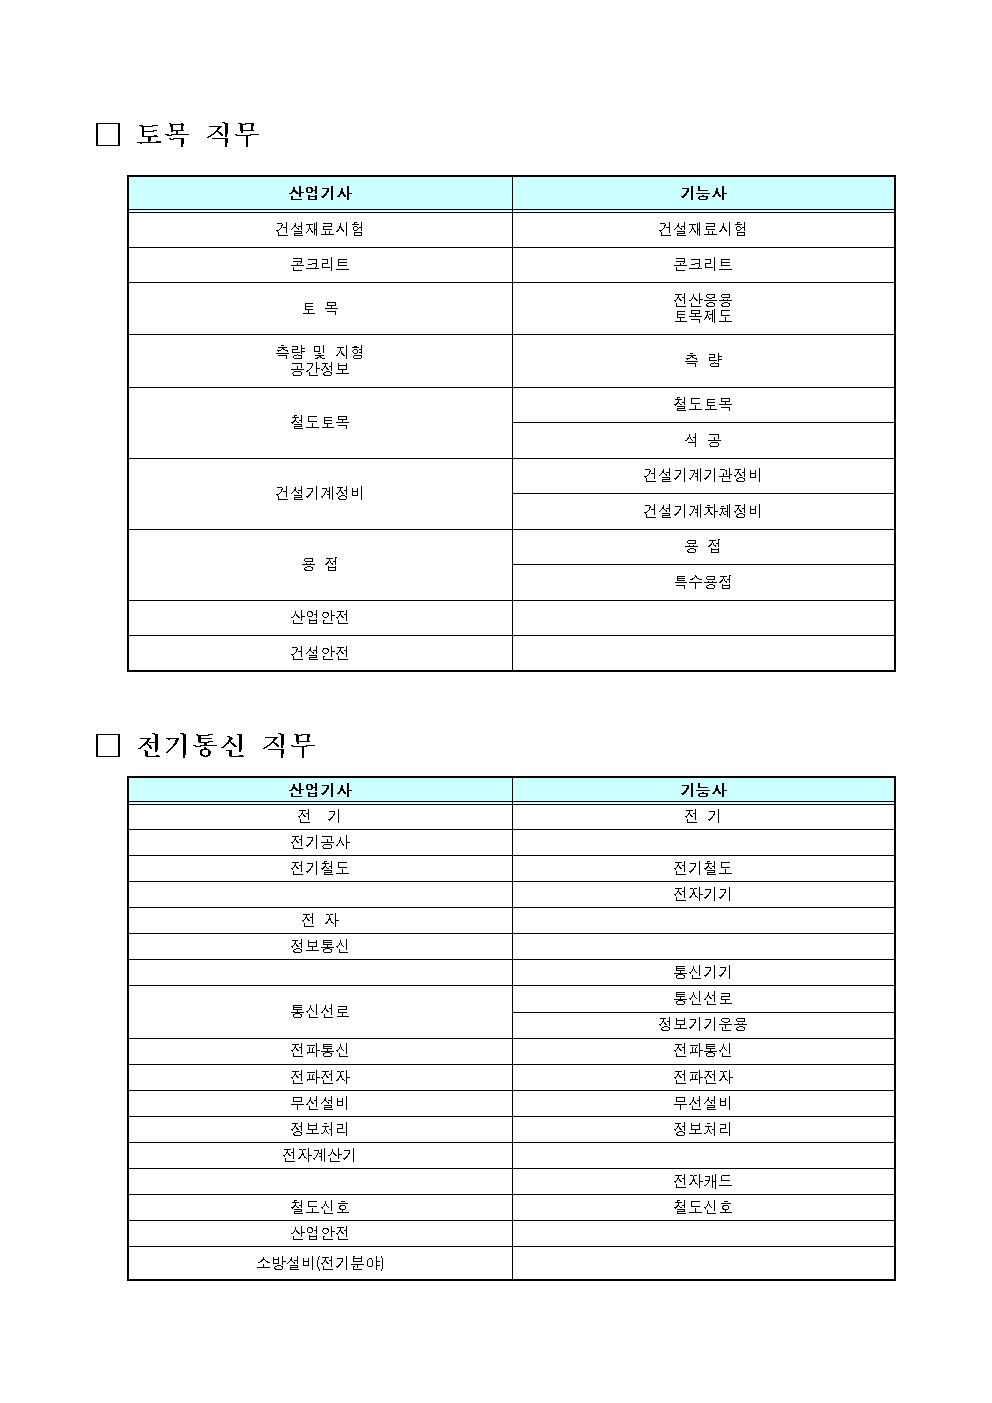 붙임6. 고졸공채 분야 직무별 해당자격증 안내_최종003.png